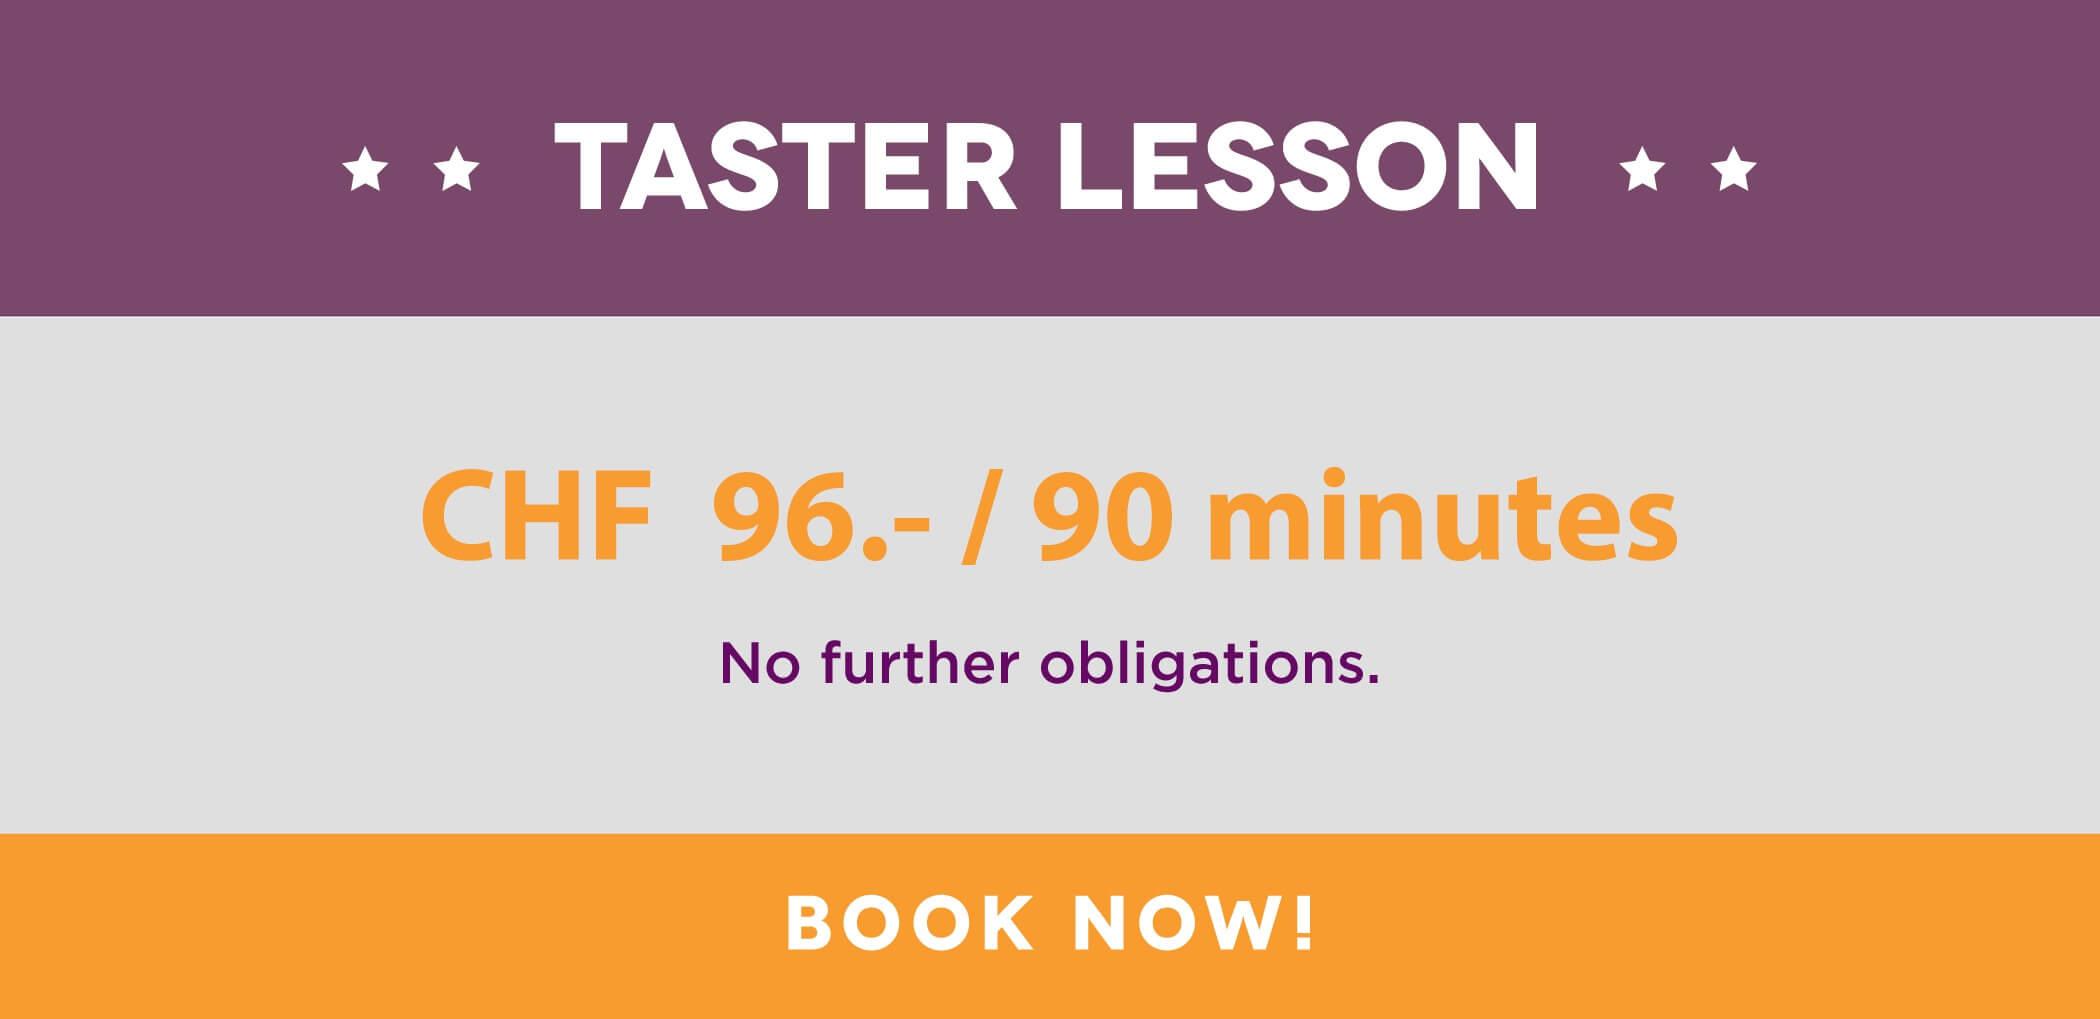 Taster Lesson GMAT online